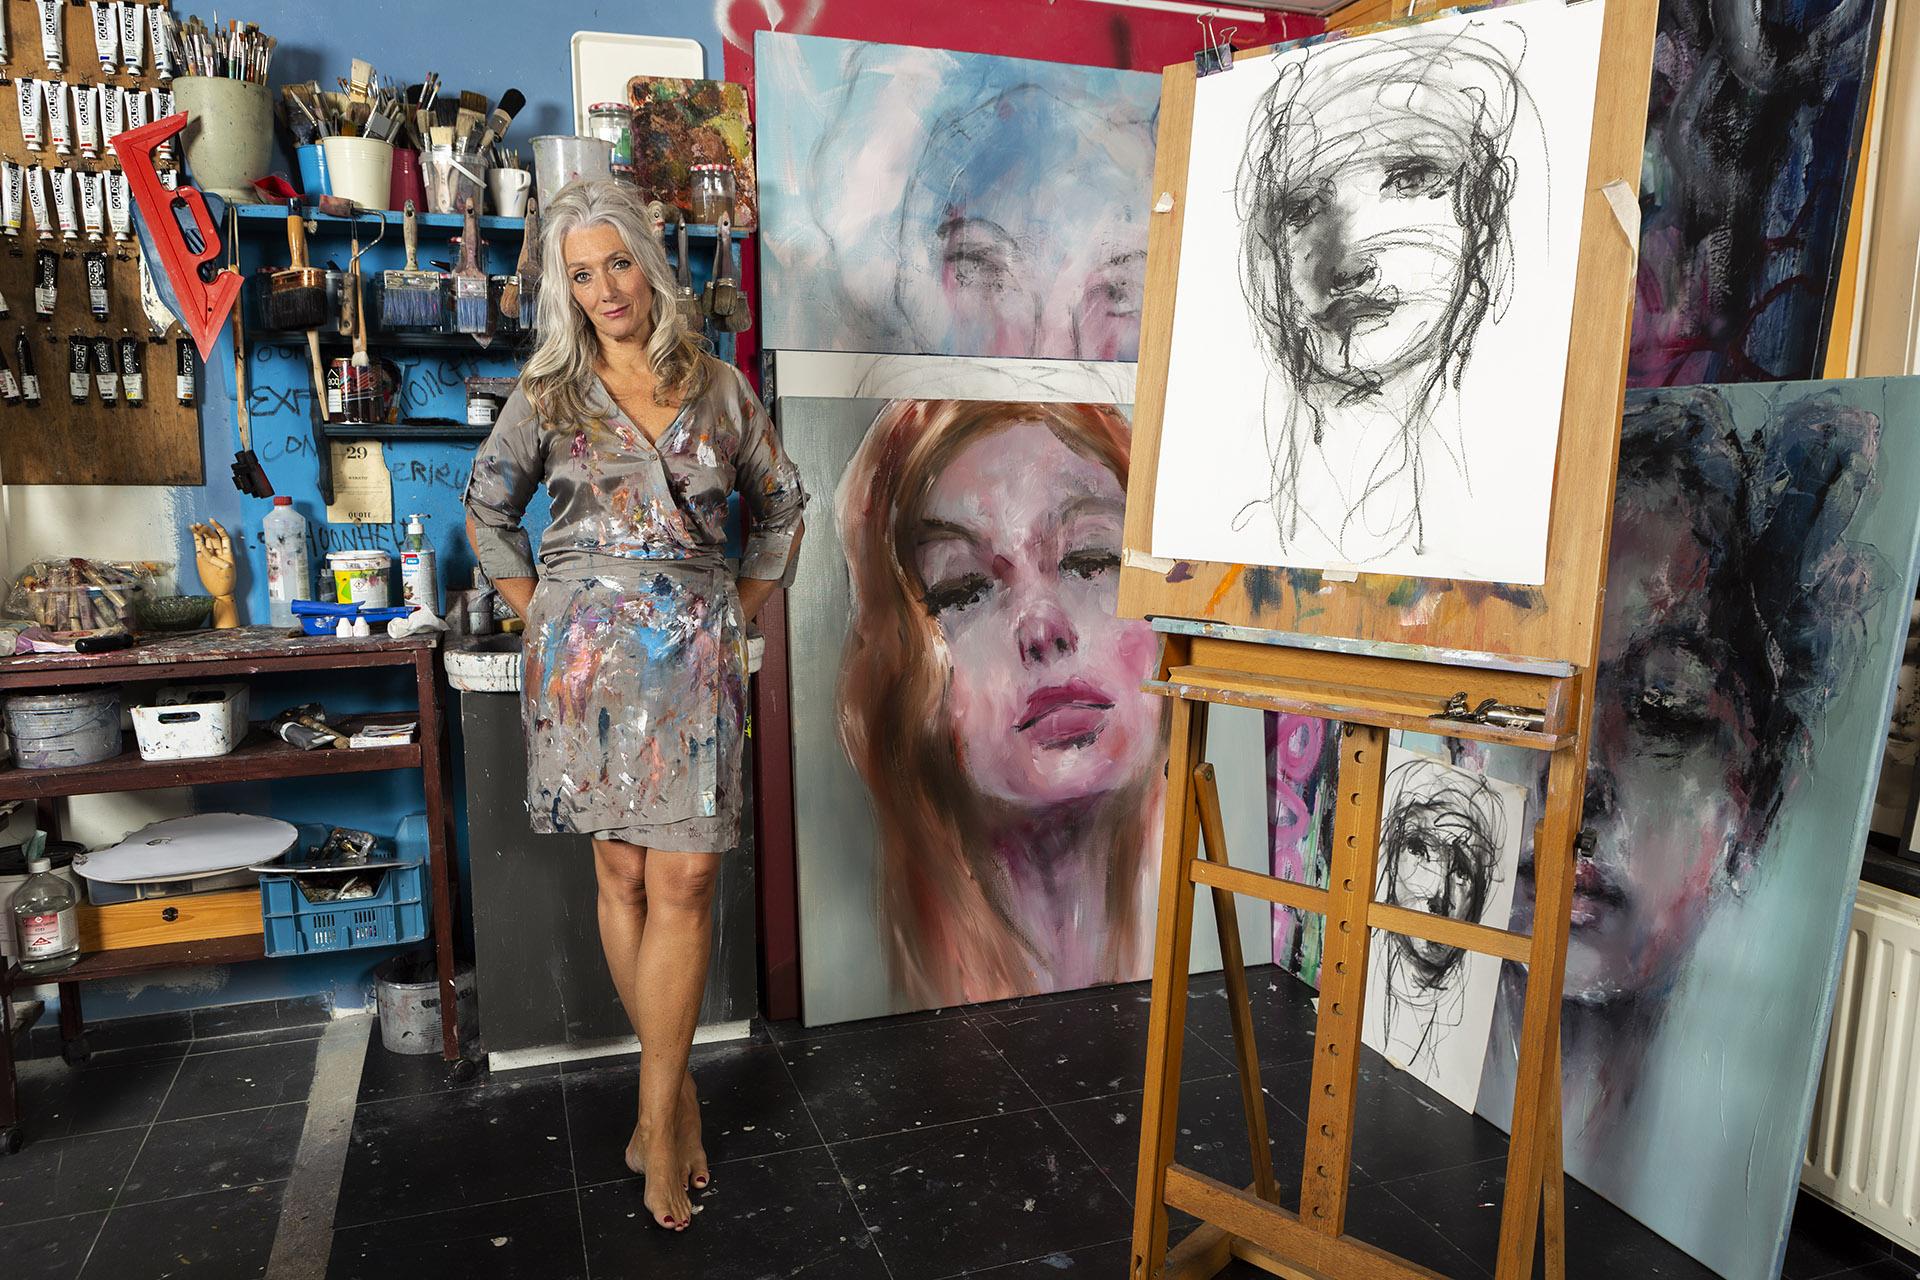 Vijfdaagse masterclasses intuïtief portret schilderen workshop online cursus programma